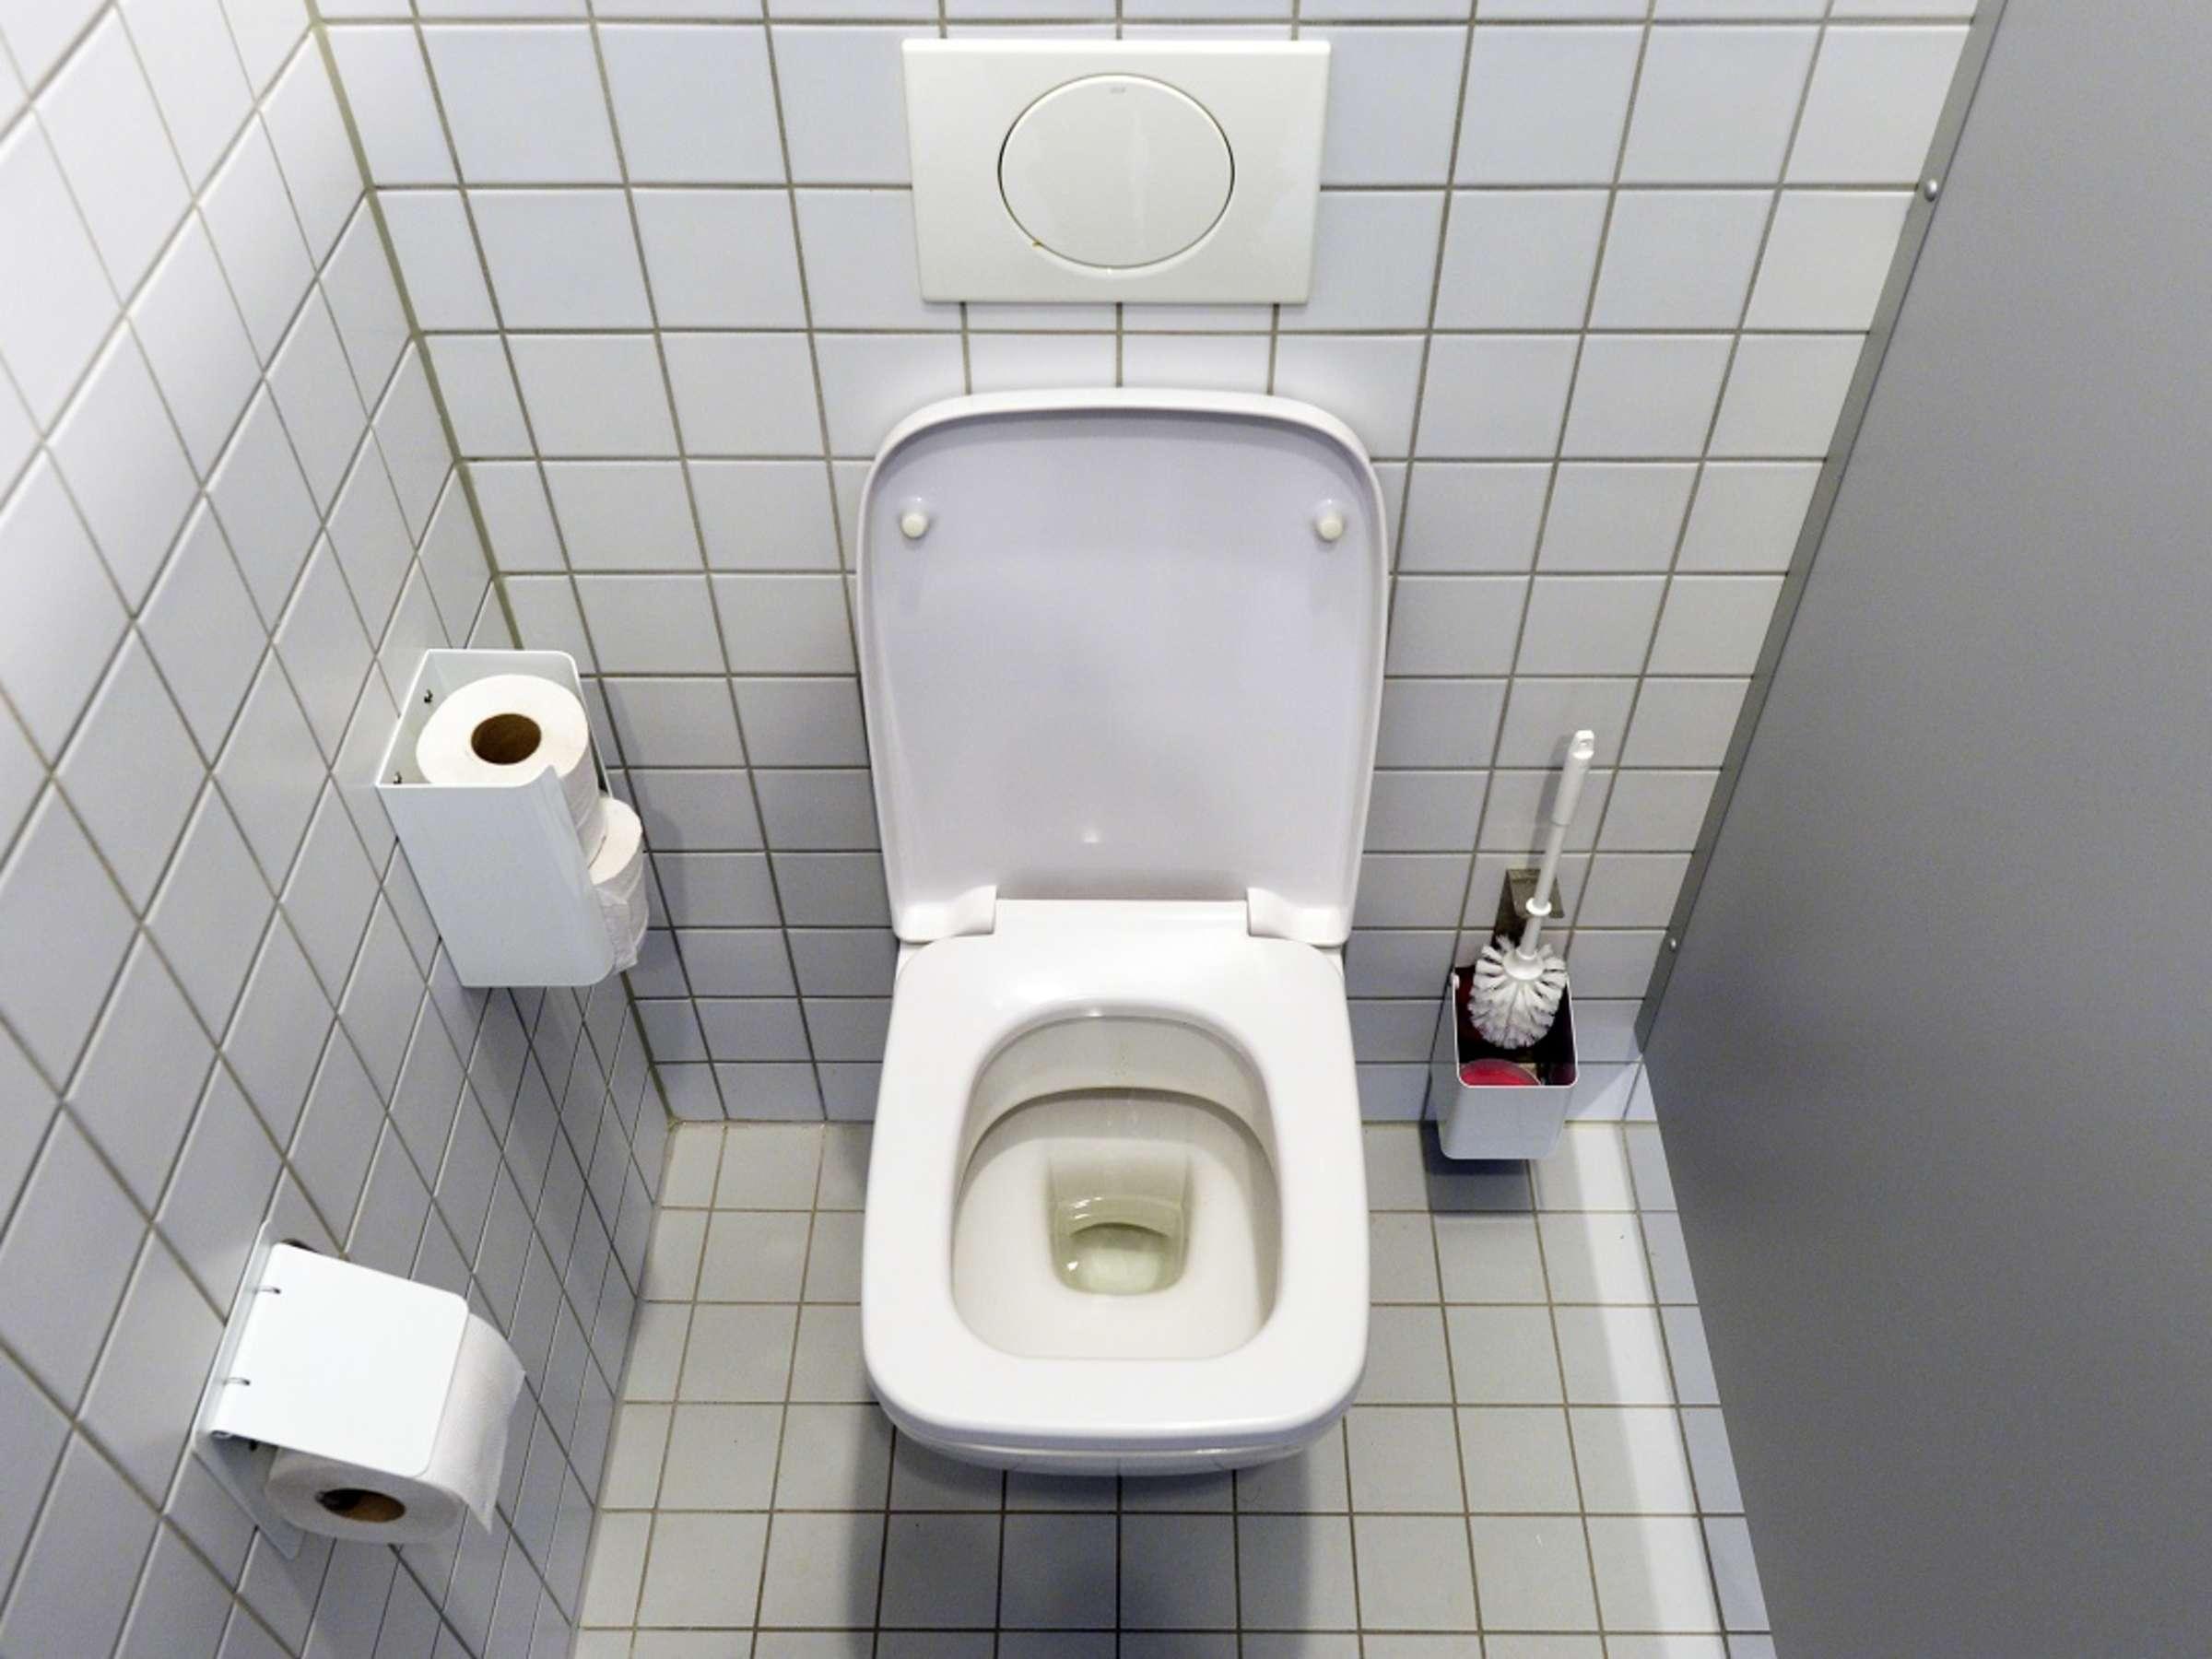 Schmutziger als Toilette: Dieser Stelle im Bad sollten Sie